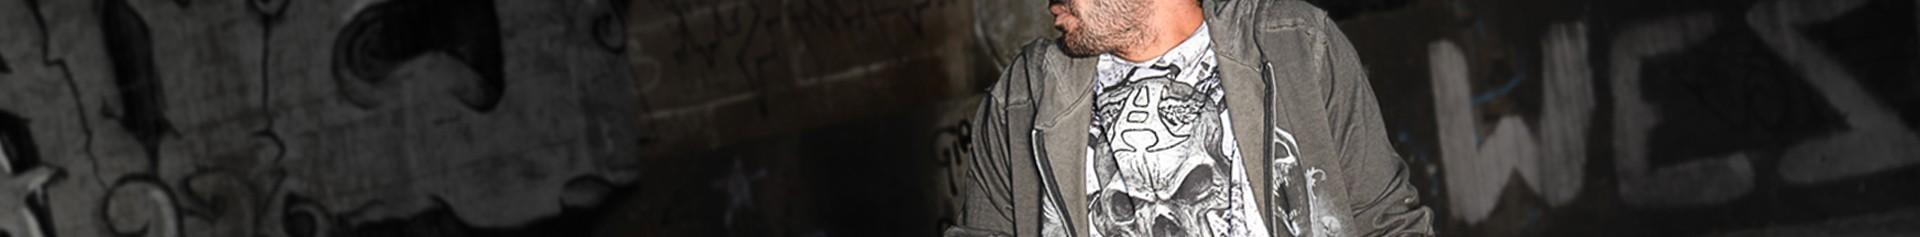 Washed man's sweatshirts & hoodies